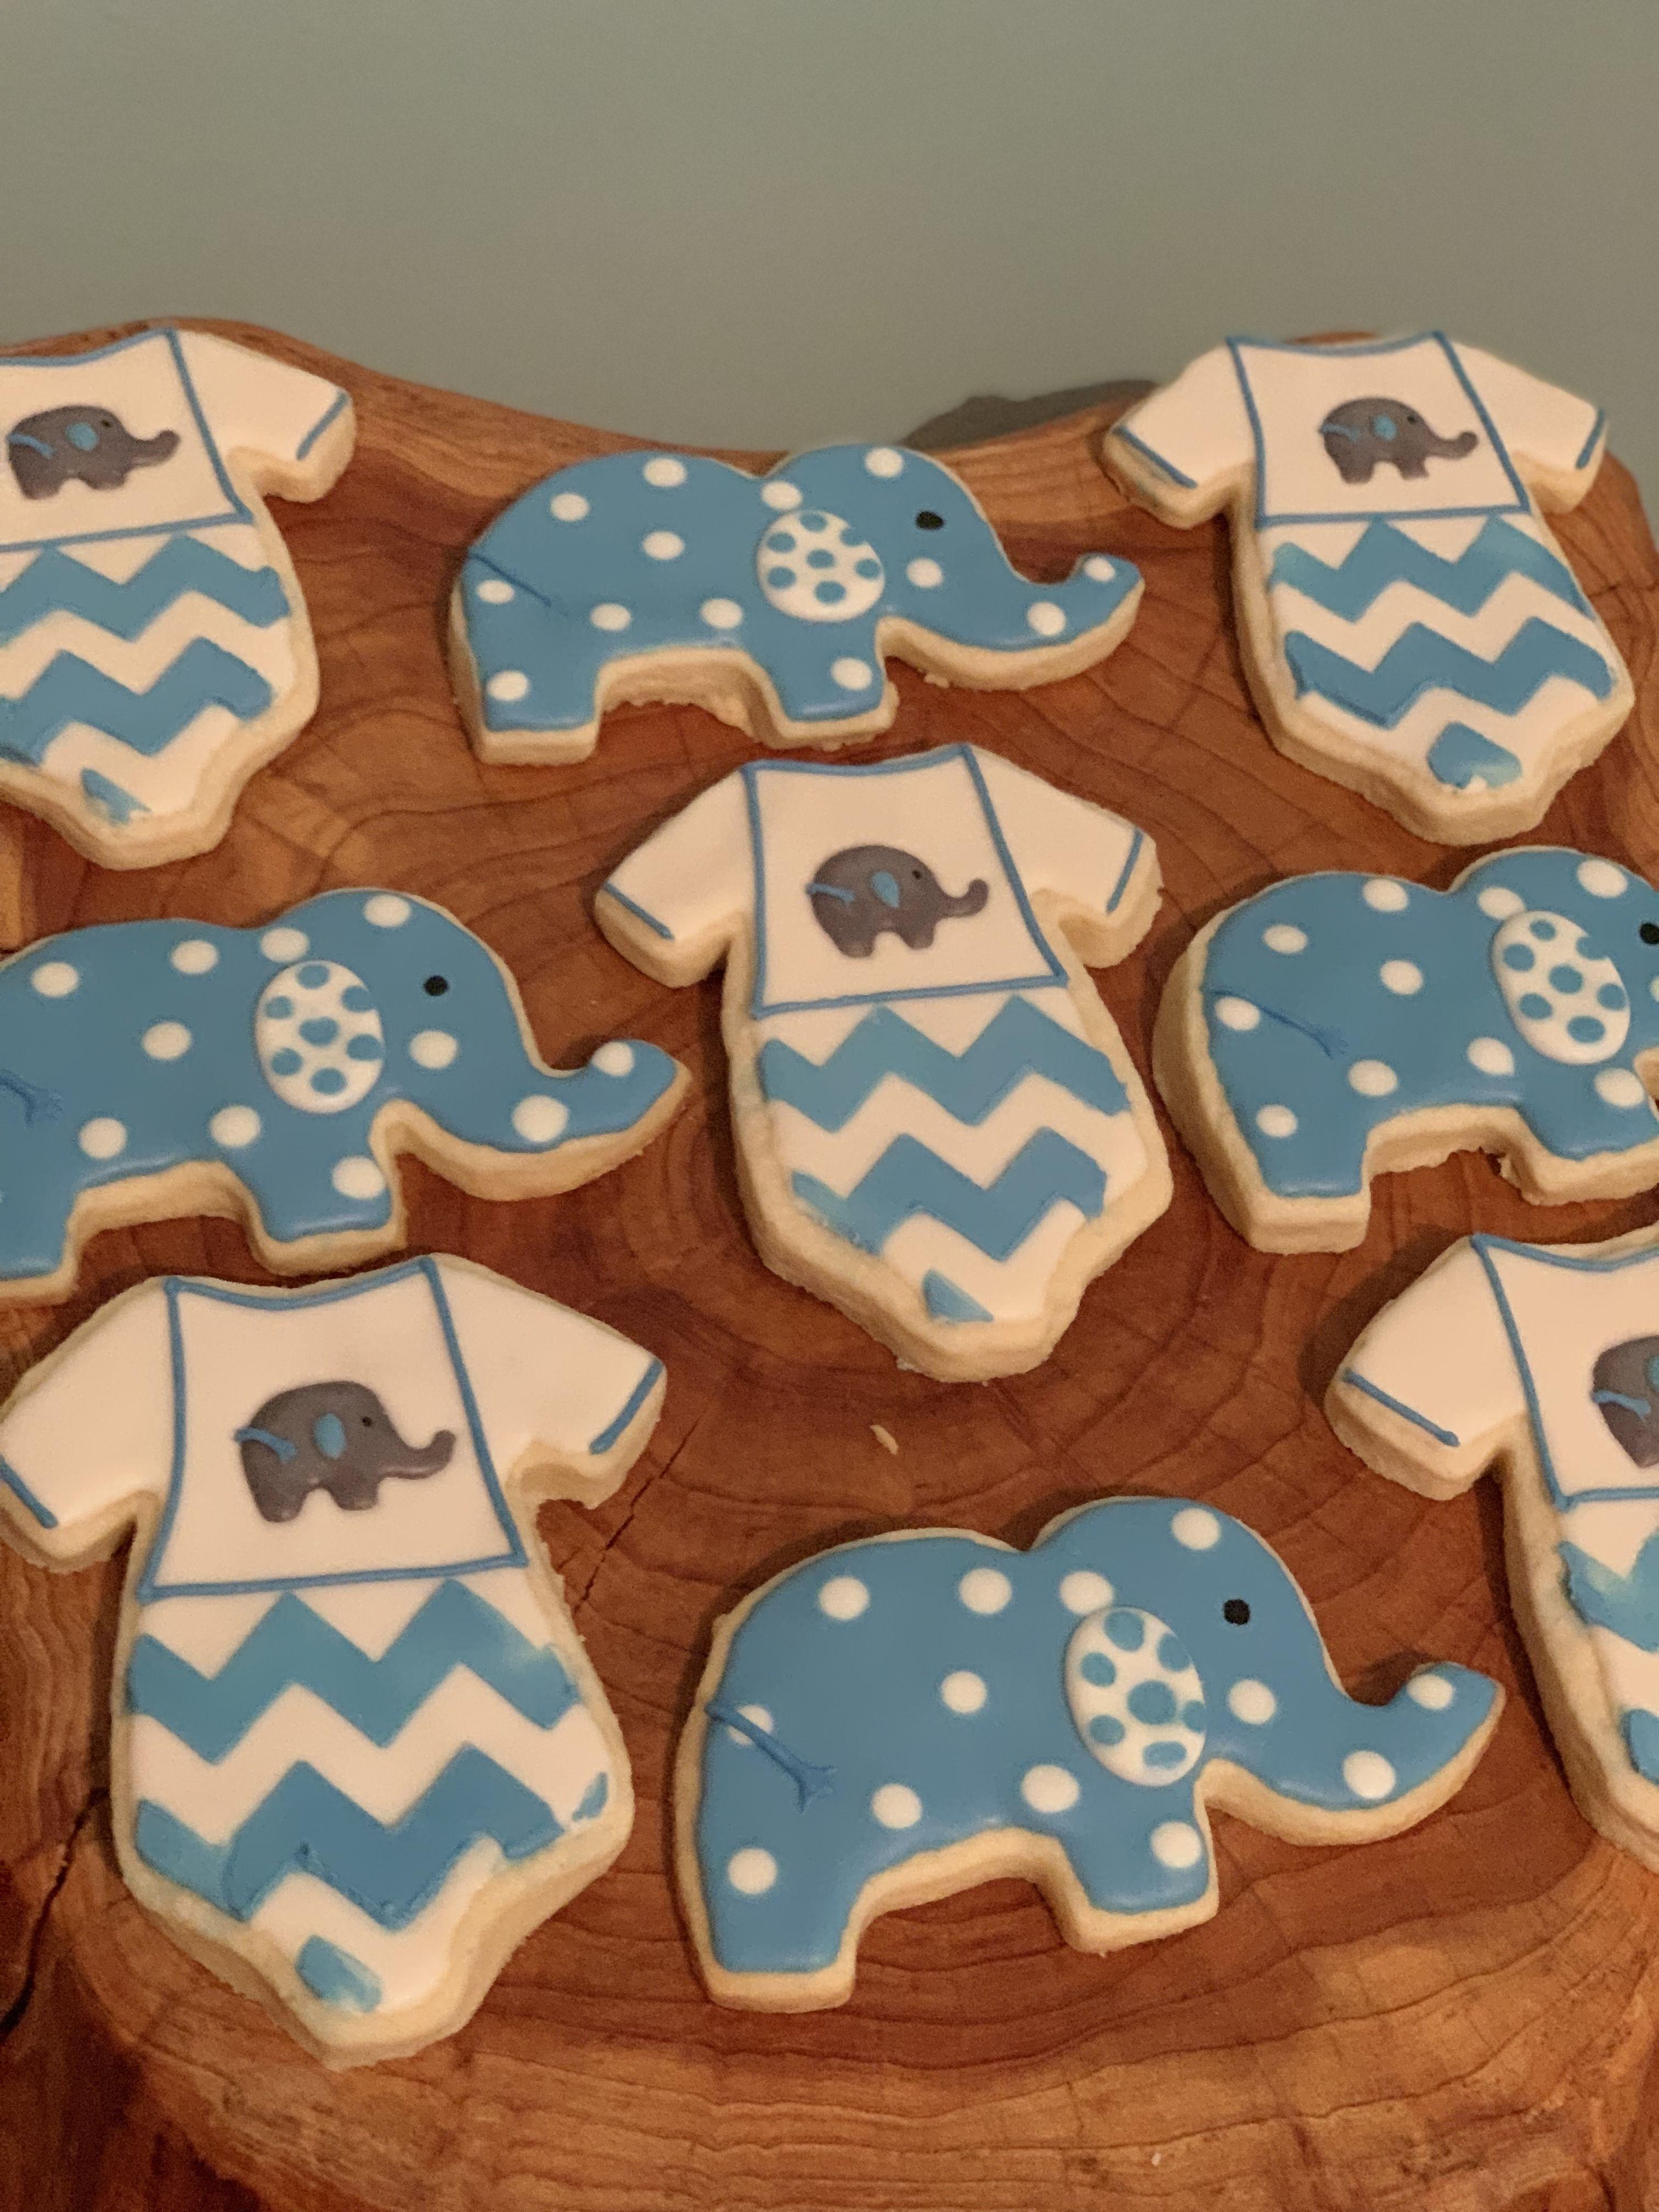 Sugar Cookies For Baby Boy Shower Sugarcookies Babyboy